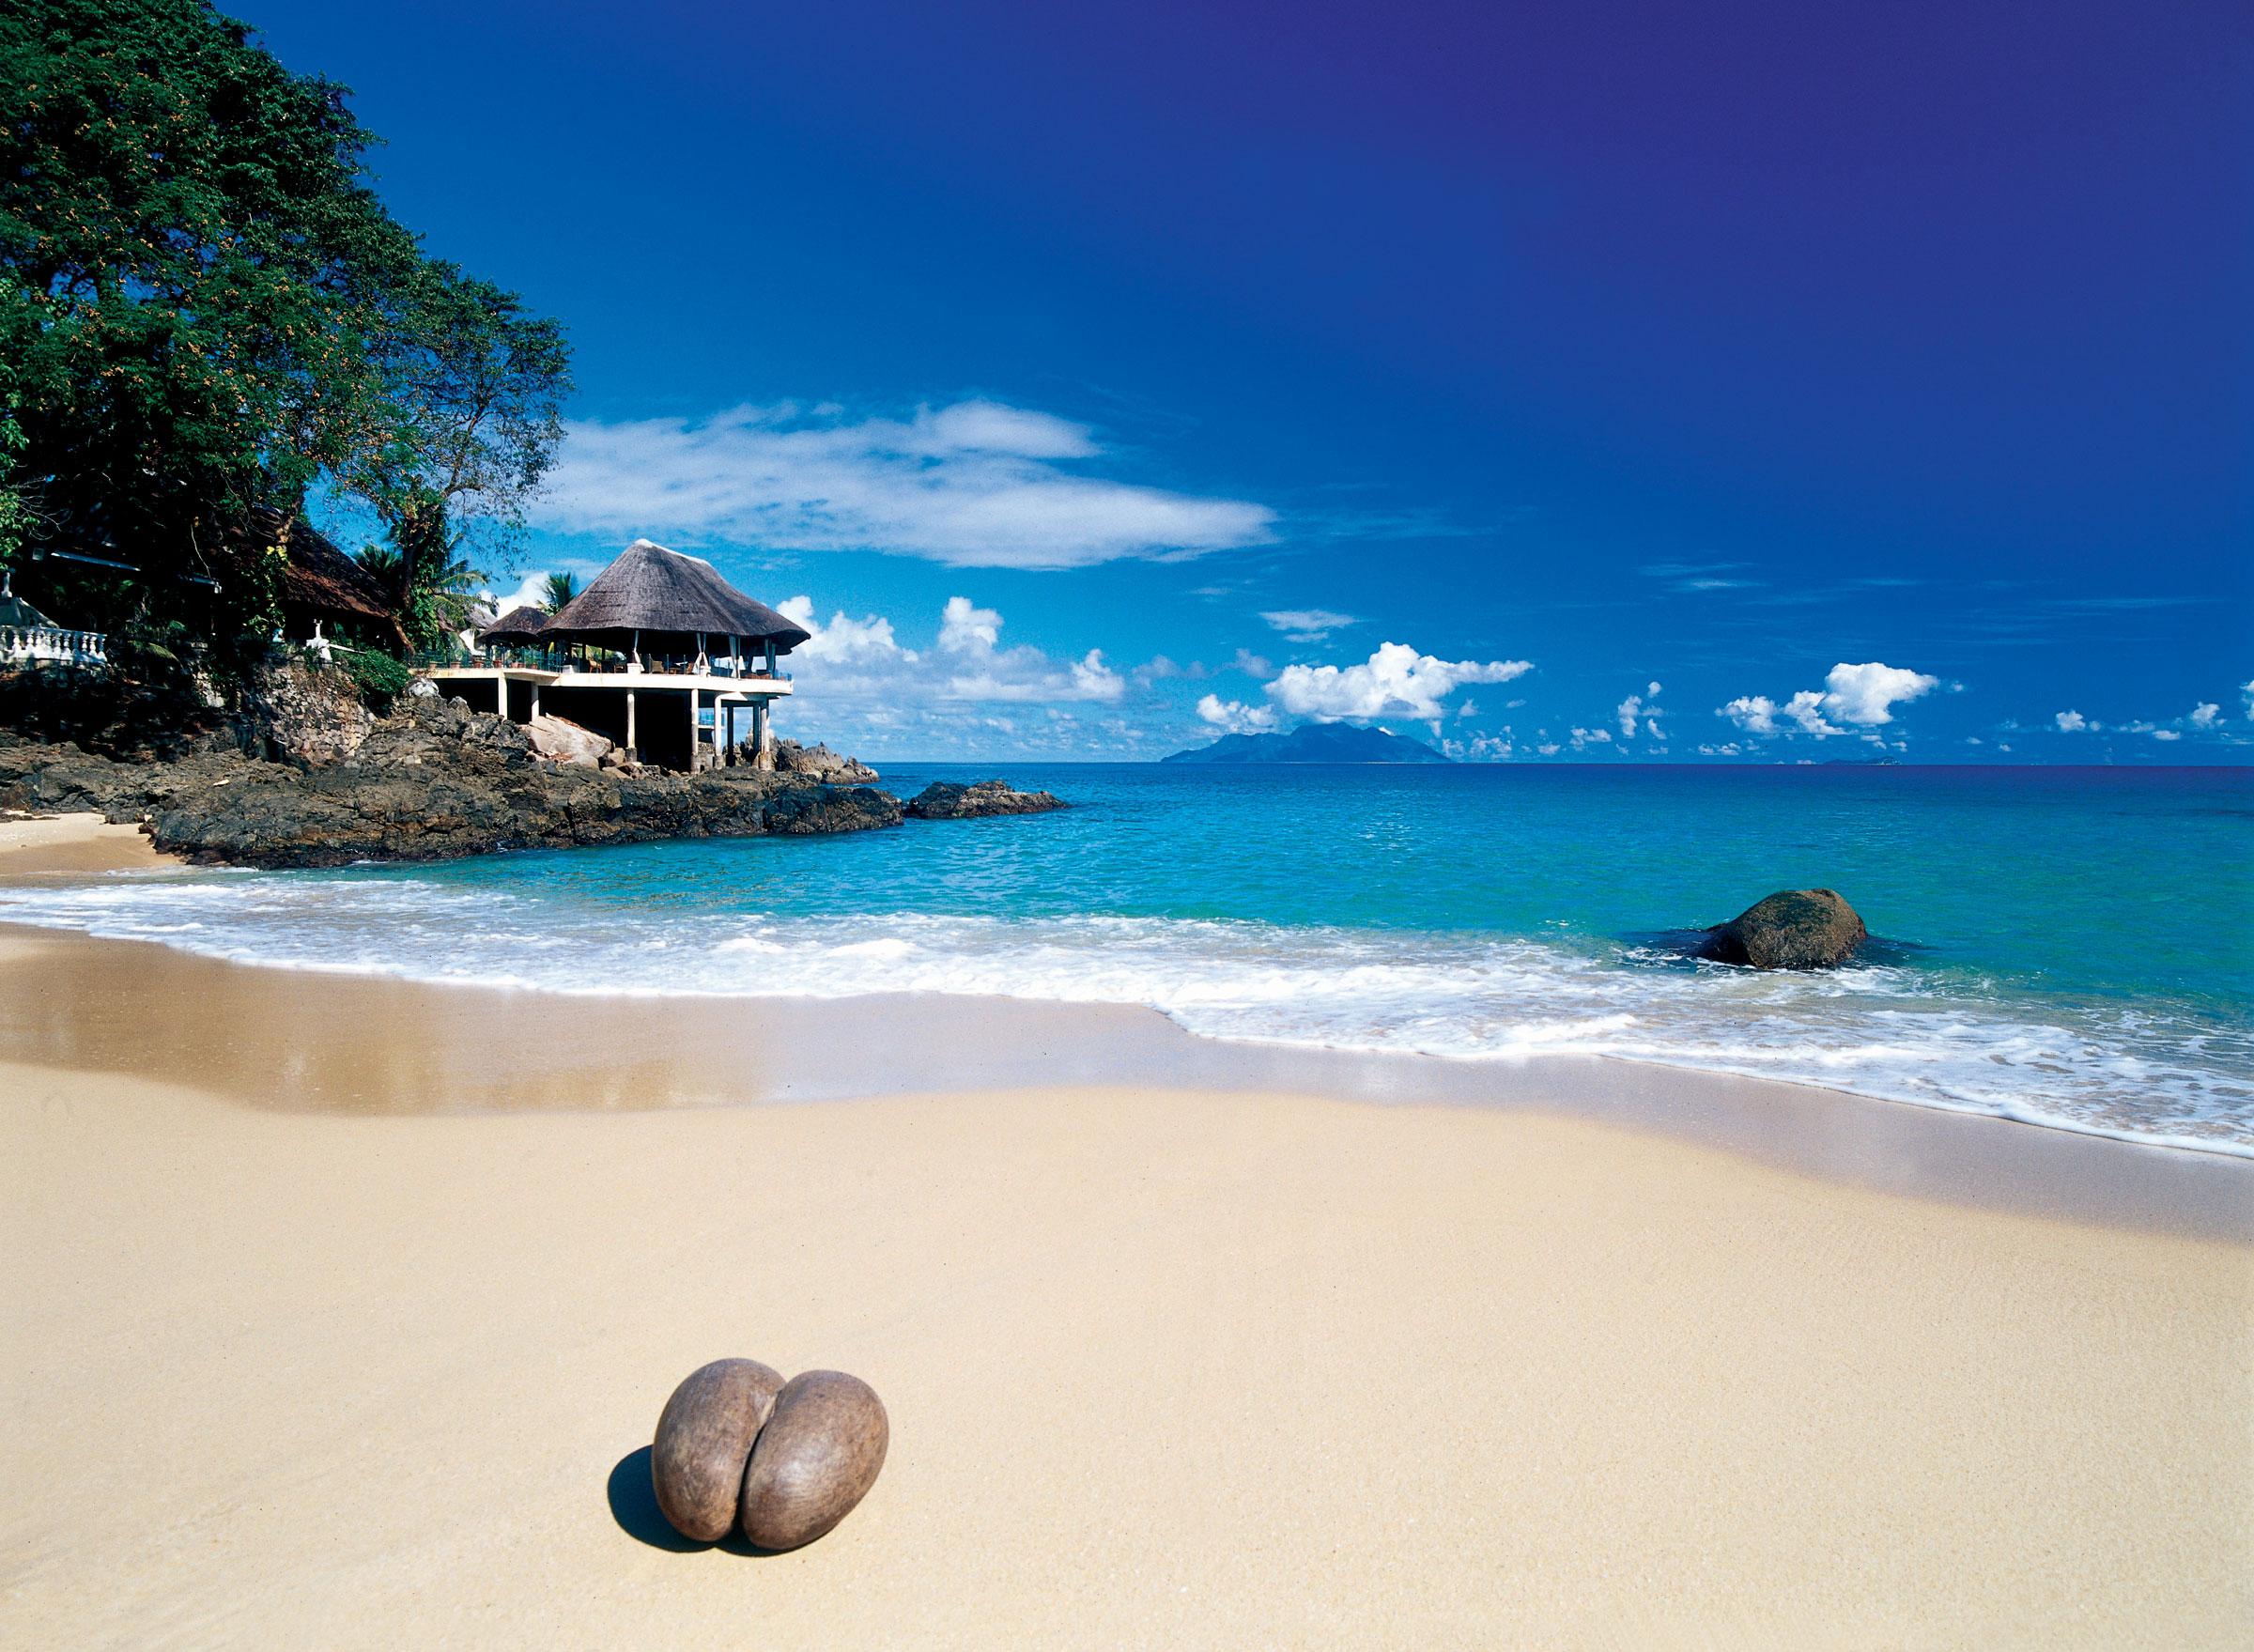 Сейшельские острова | Маэ | Туристическое агентство Мультипасс | (499) 653-6300